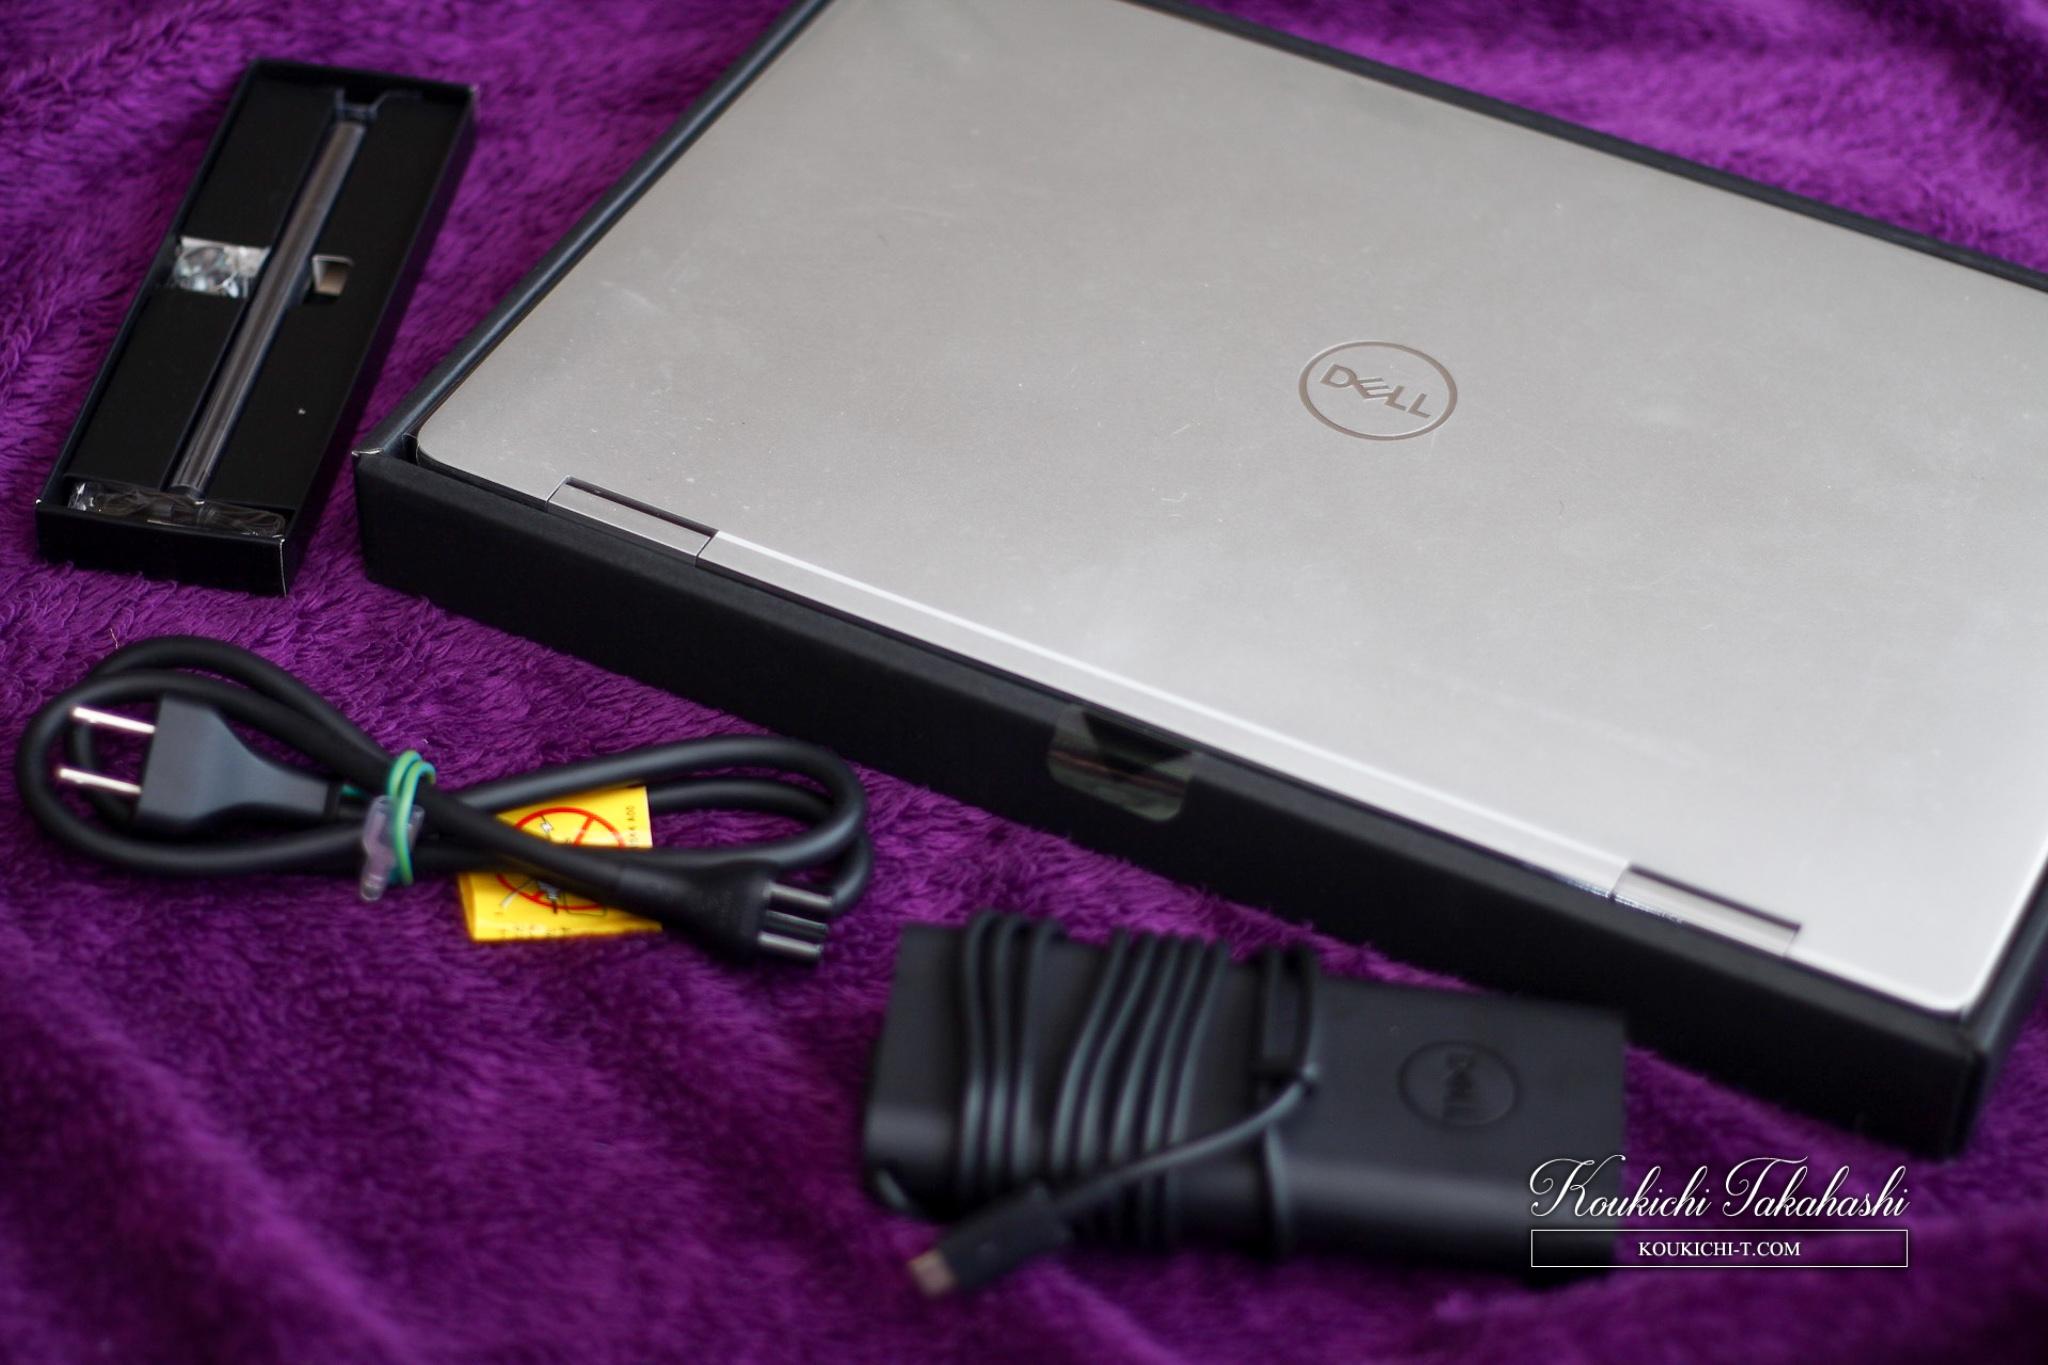 Dell XPS15 2-in-1届いた!1カ月モニター開始! #デルアンバサダー デルノートパソコン製品レビュー使用感感想